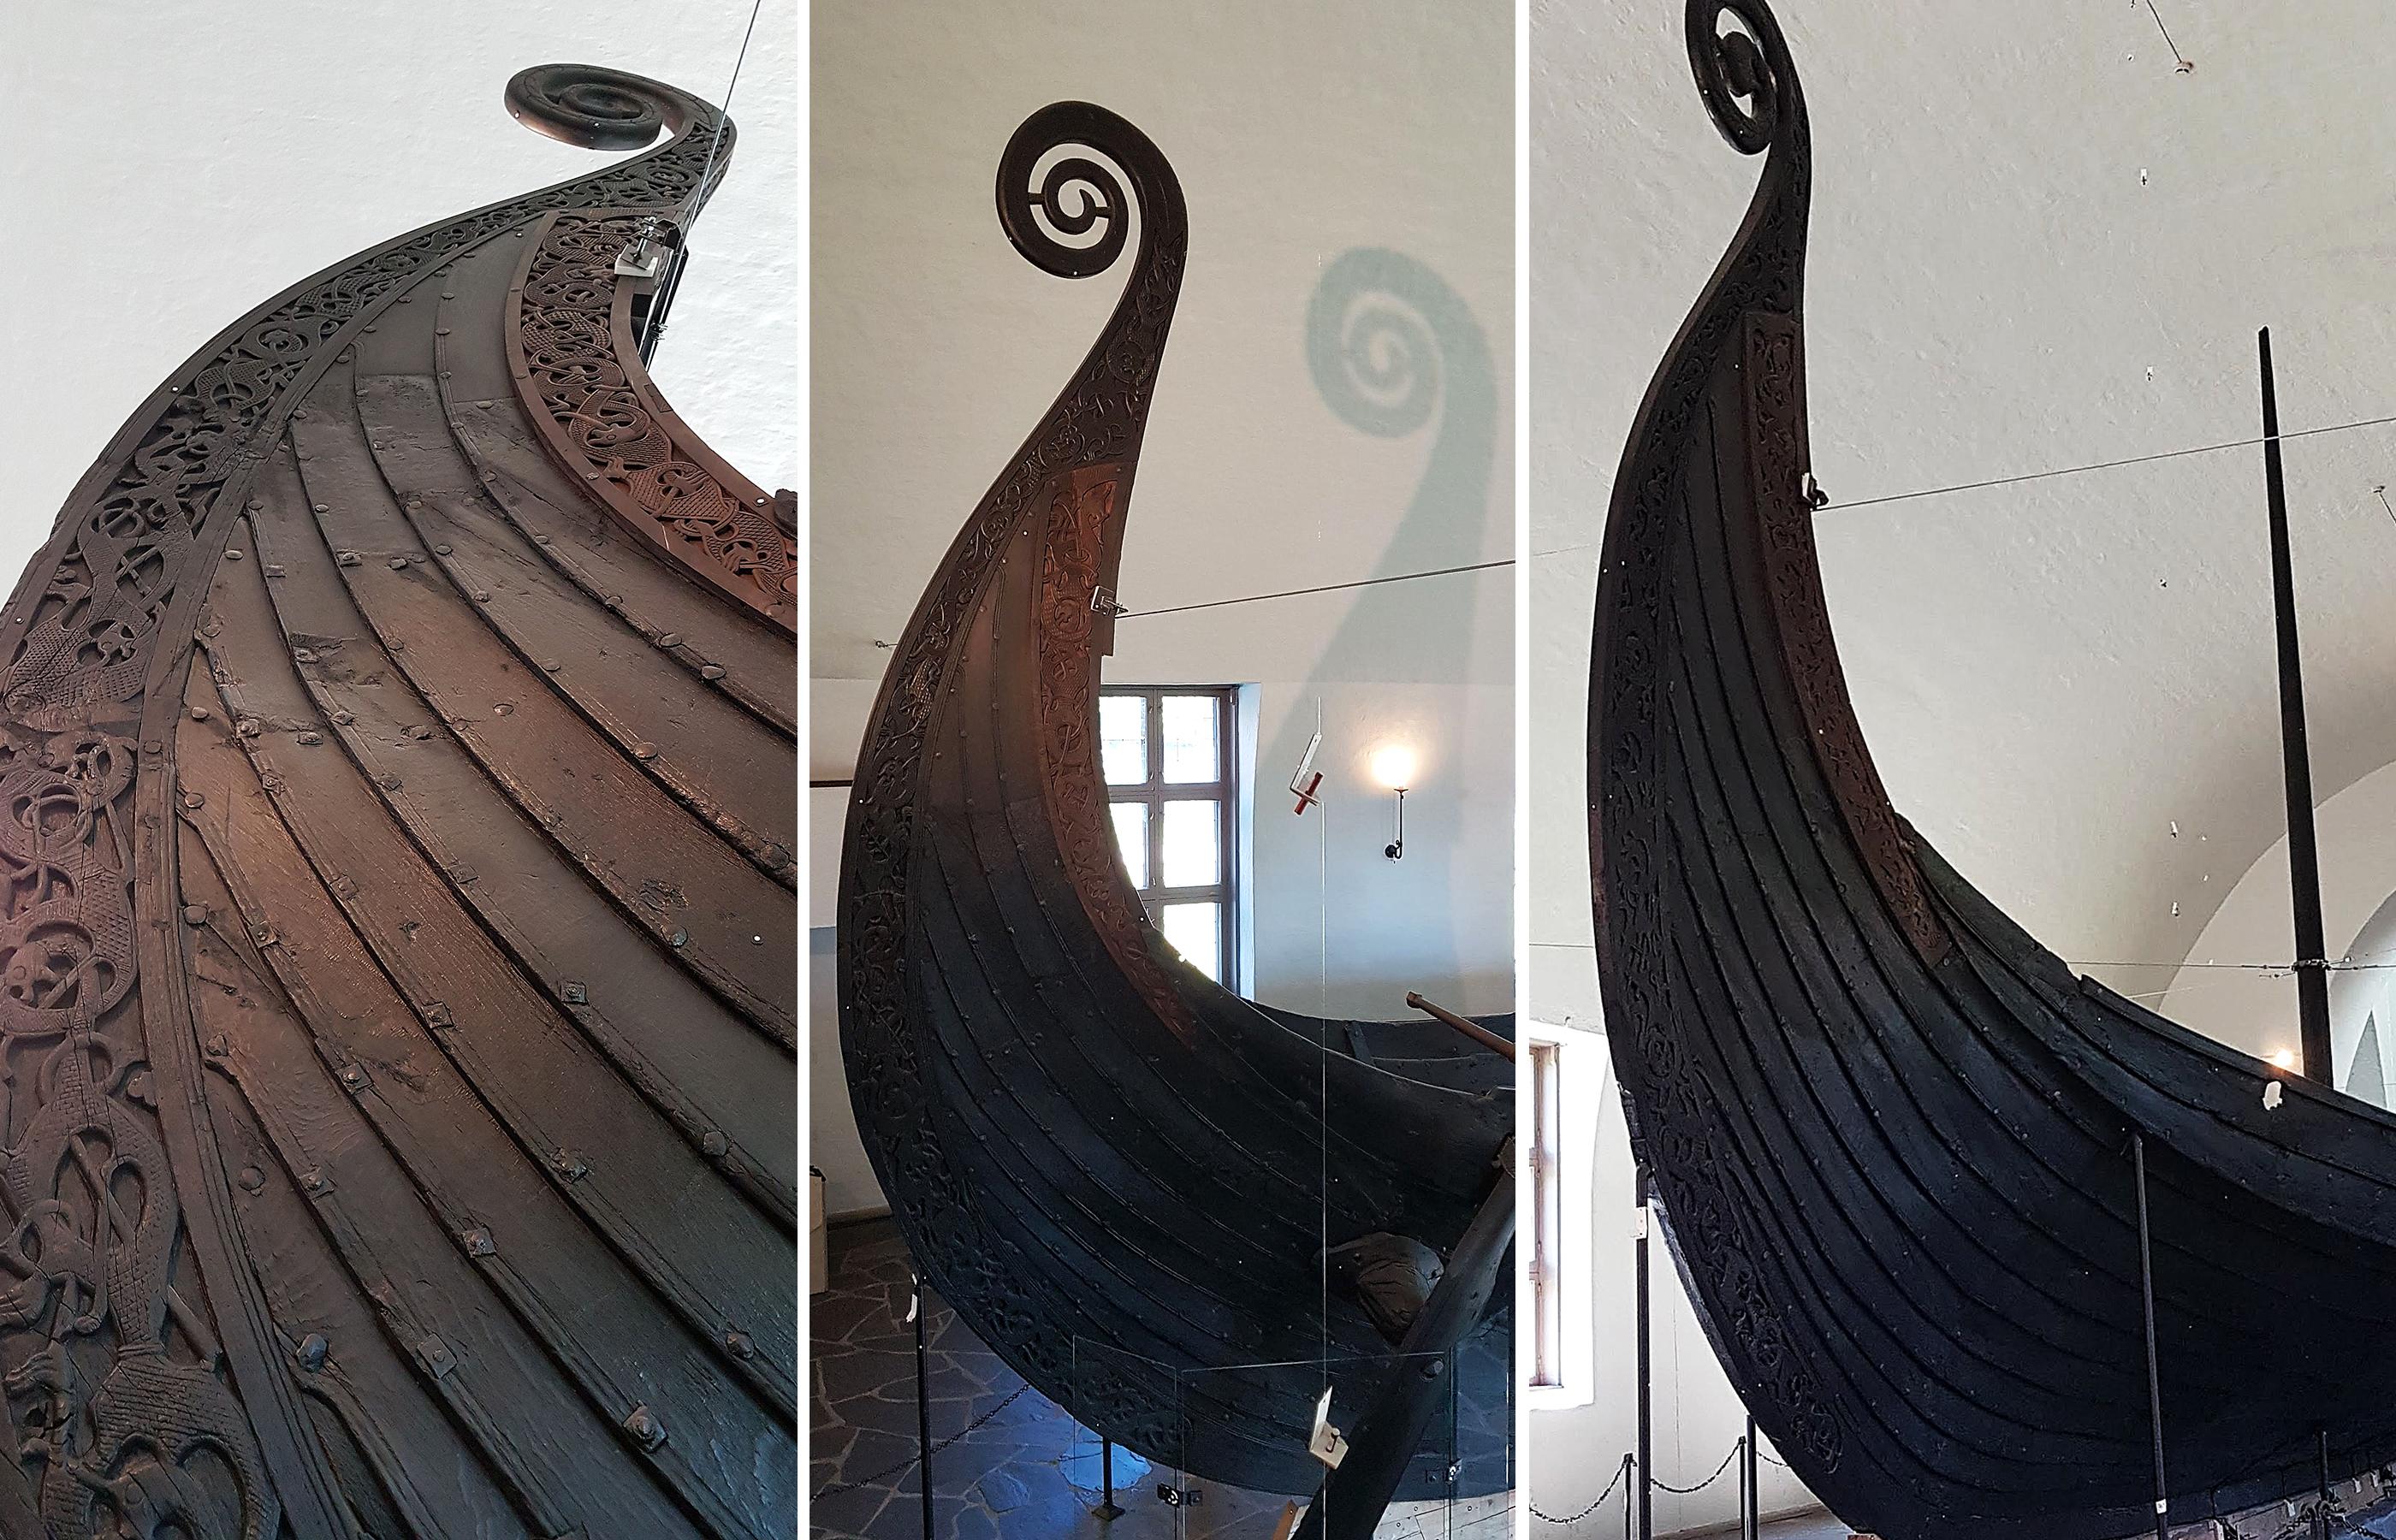 Драккар в Музее кораблей Викингов, г. Осло, Норвегия